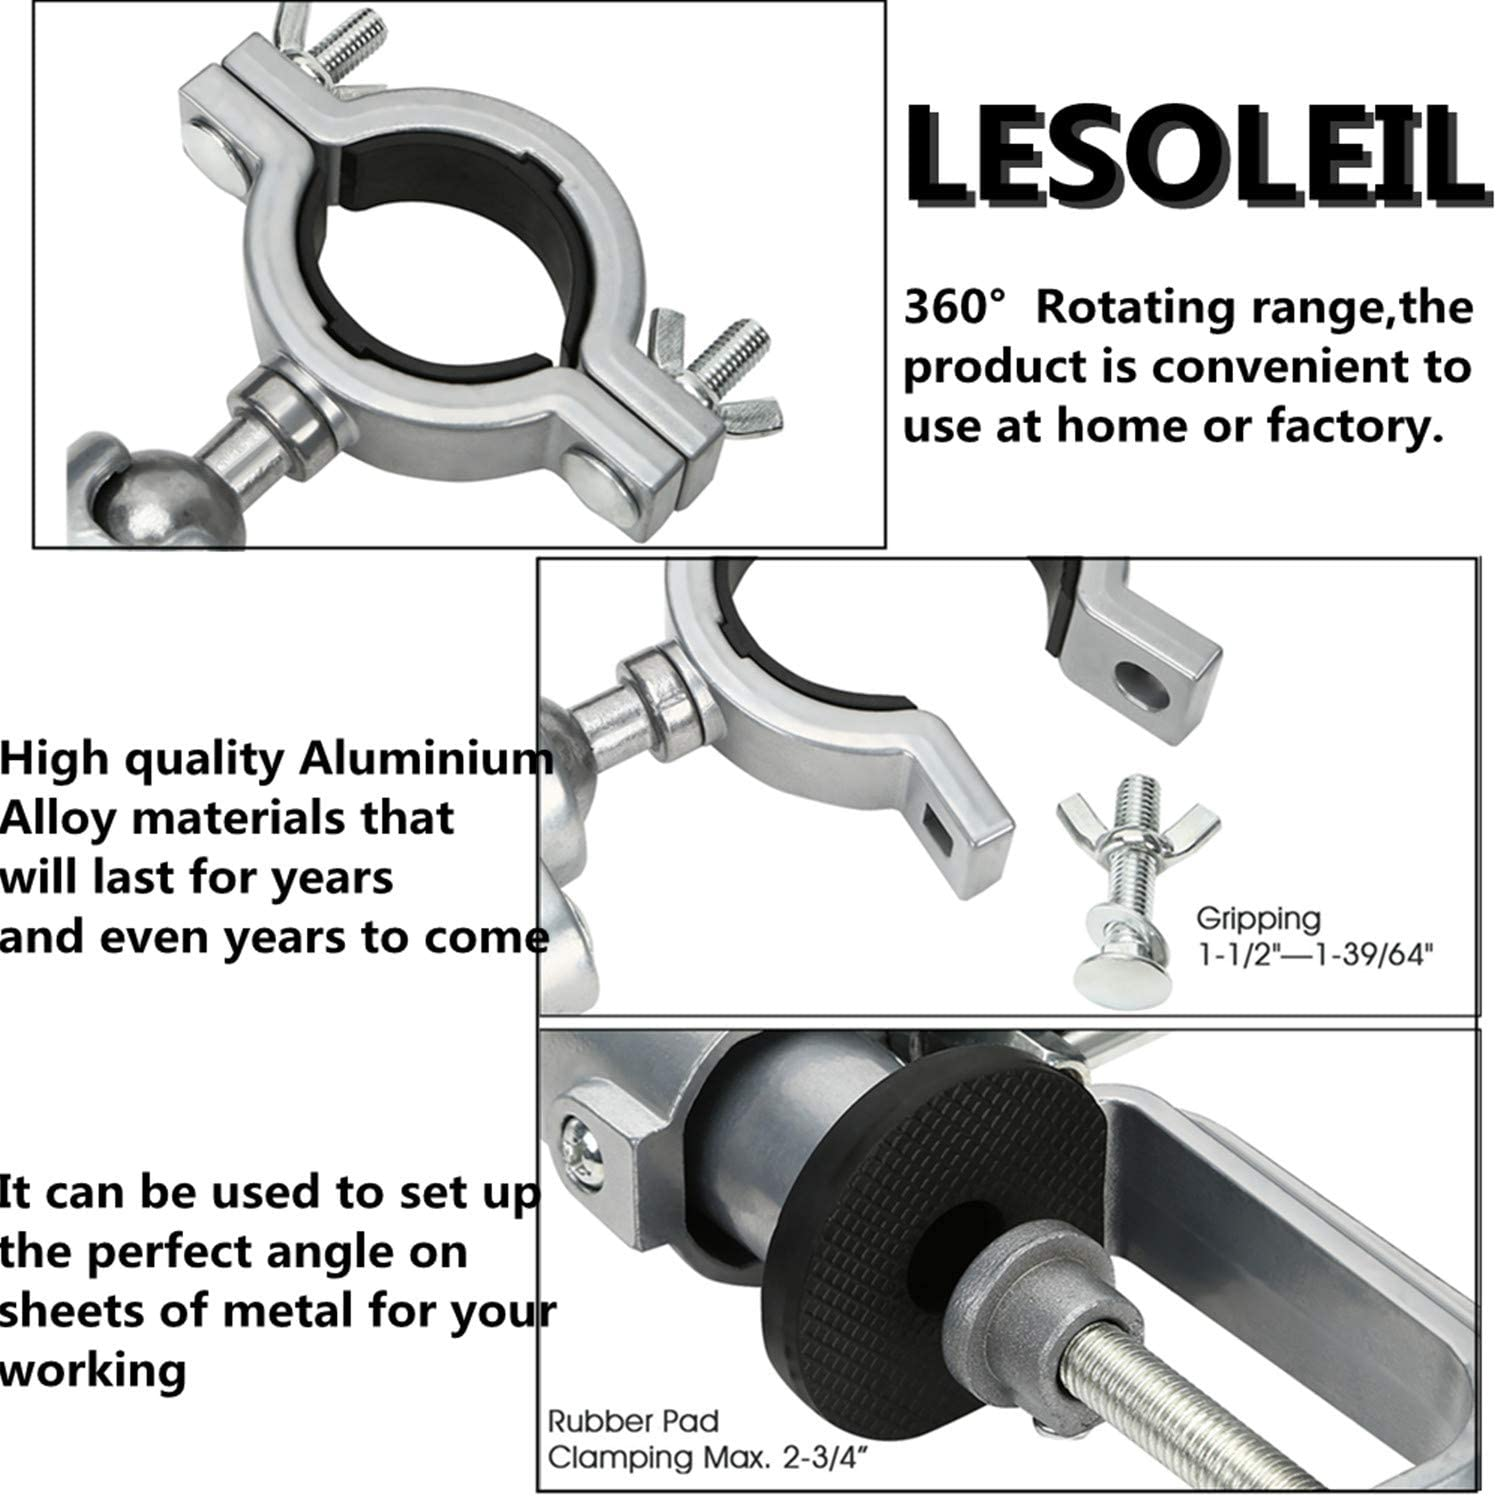 LESOLEIL Punte a Gradini Triangolo HSS Titanium Attrezzo Scala Trapano 3-12mm